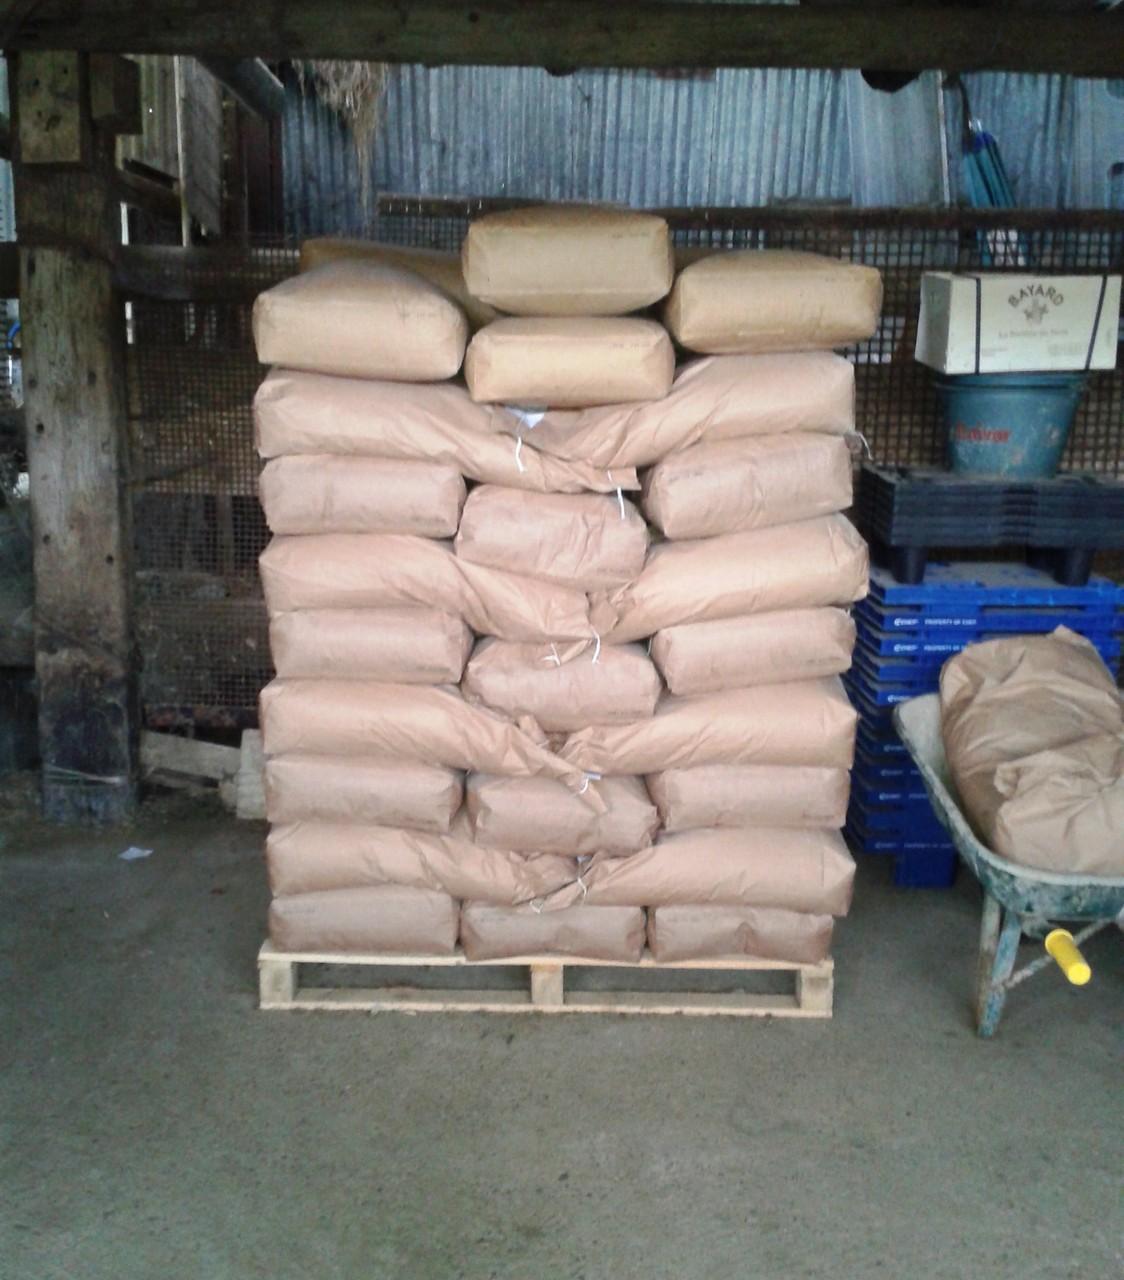 La réserve d'aliments. Céréales issues de l'agriculture biologique régionale, qualité et traçabilité. Environ trois tonnes sont distribués sur la saison.